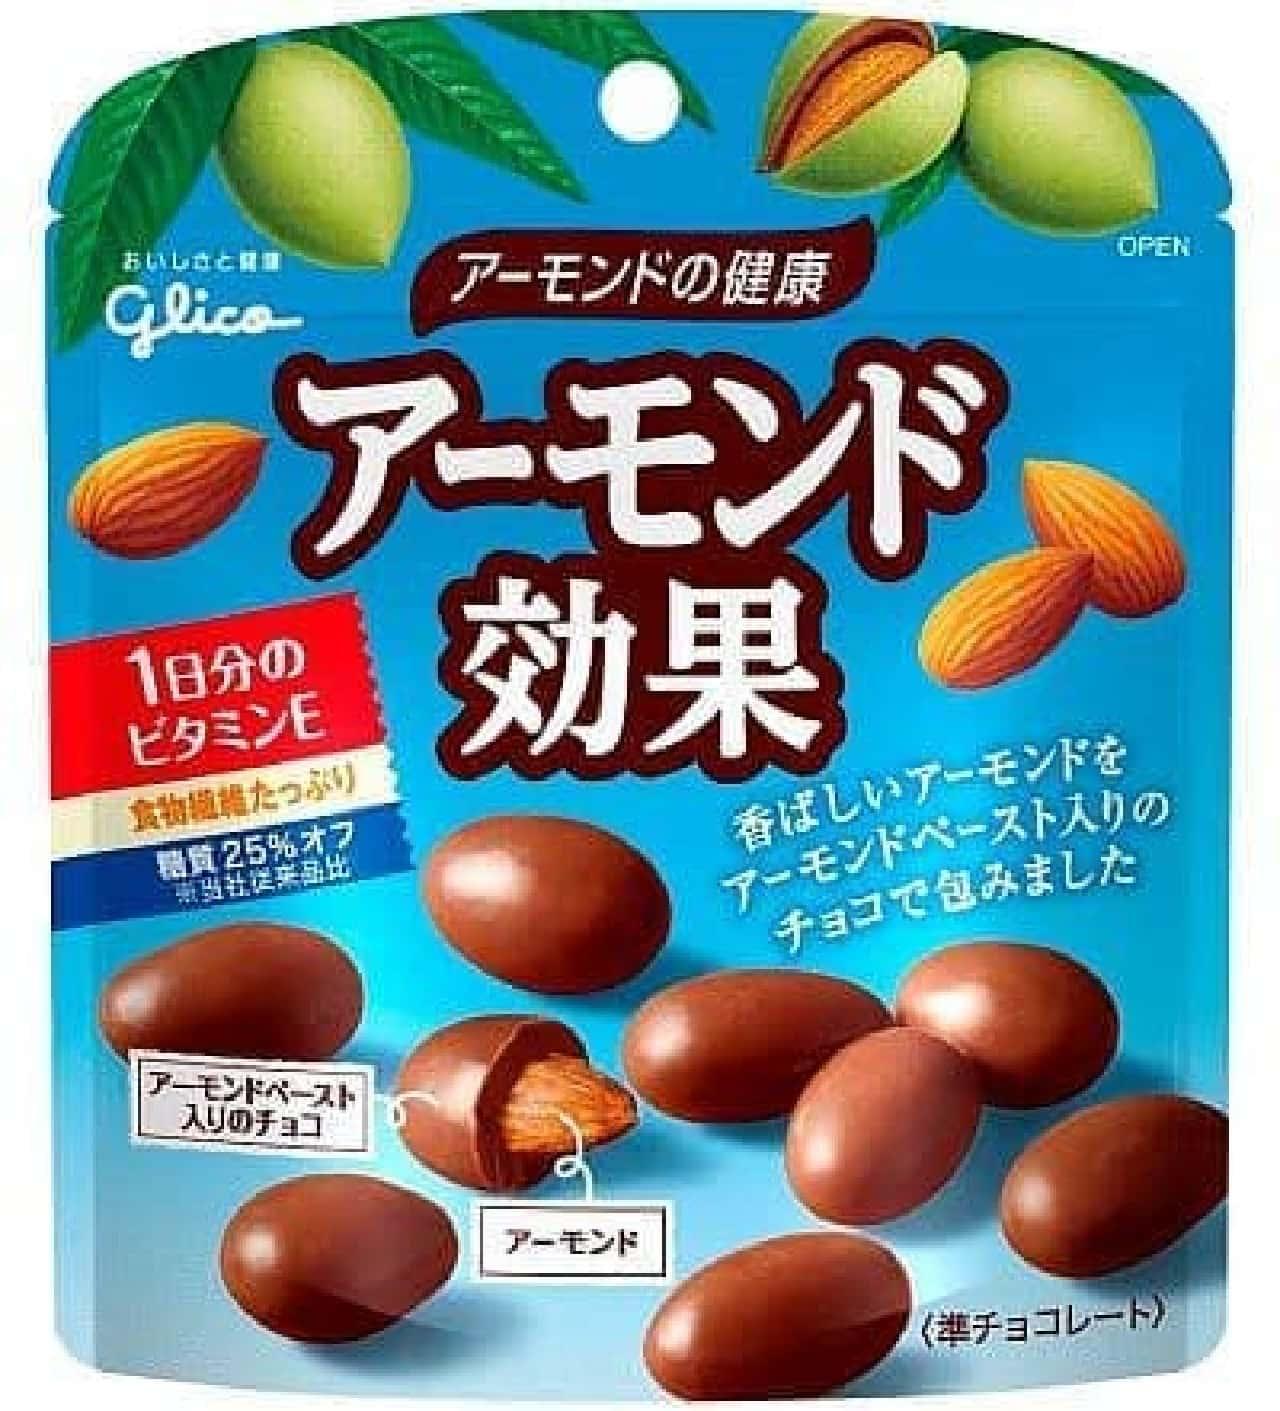 グリコ「アーモンド効果チョコレート」